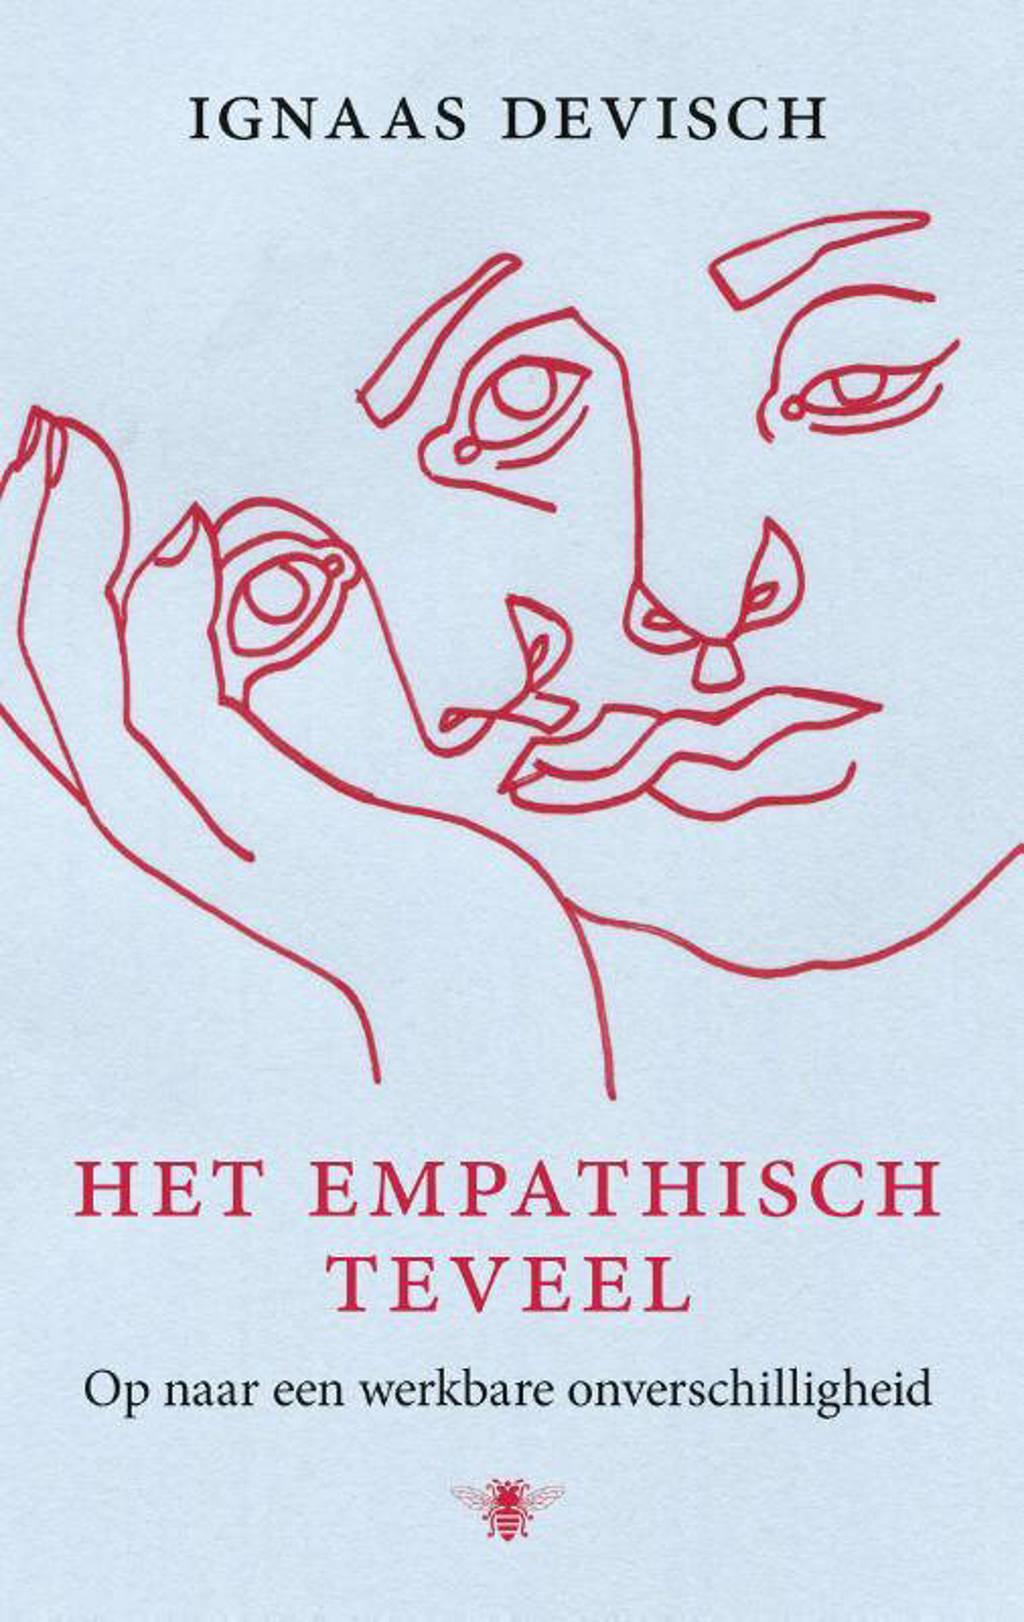 Het empathisch teveel - Ignaas Devisch